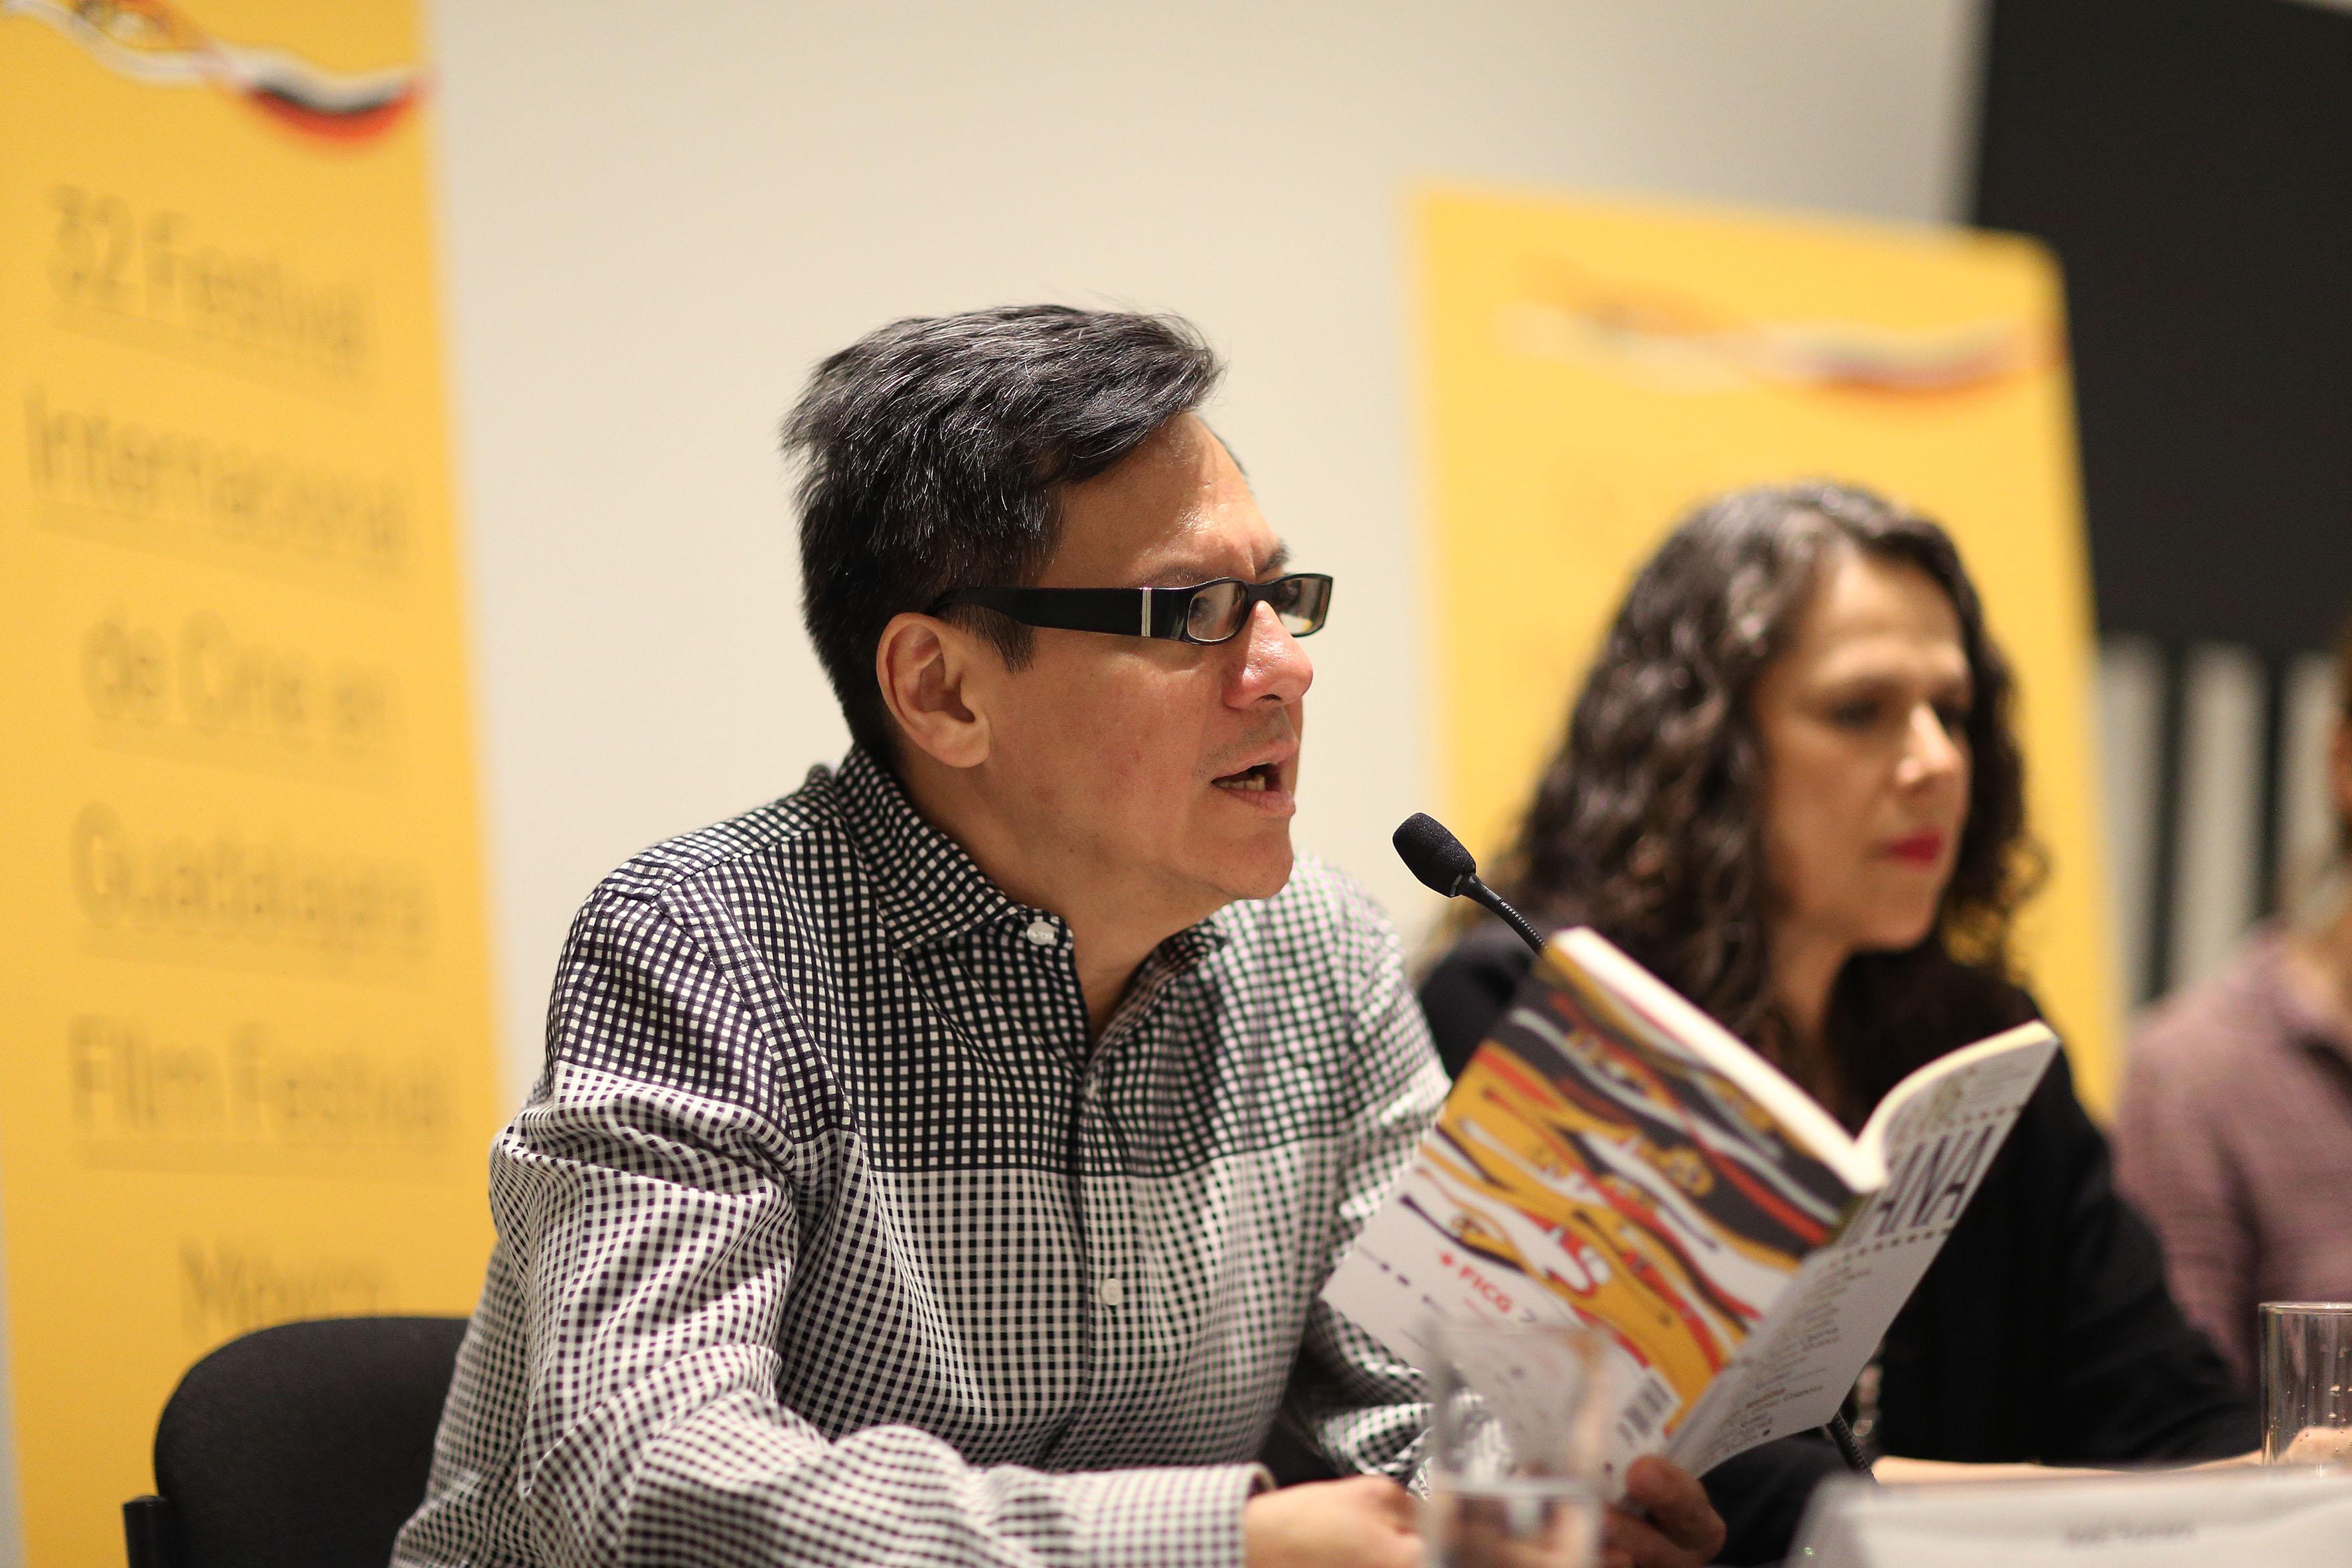 Jose Homero haciendo uso de la voz en la presentación numero 86 de la revista literaria de la Universidad de Guadalajara (UdeG), en el marco del 32 Festival Internacional de Cine en Guadalajara (FICG)